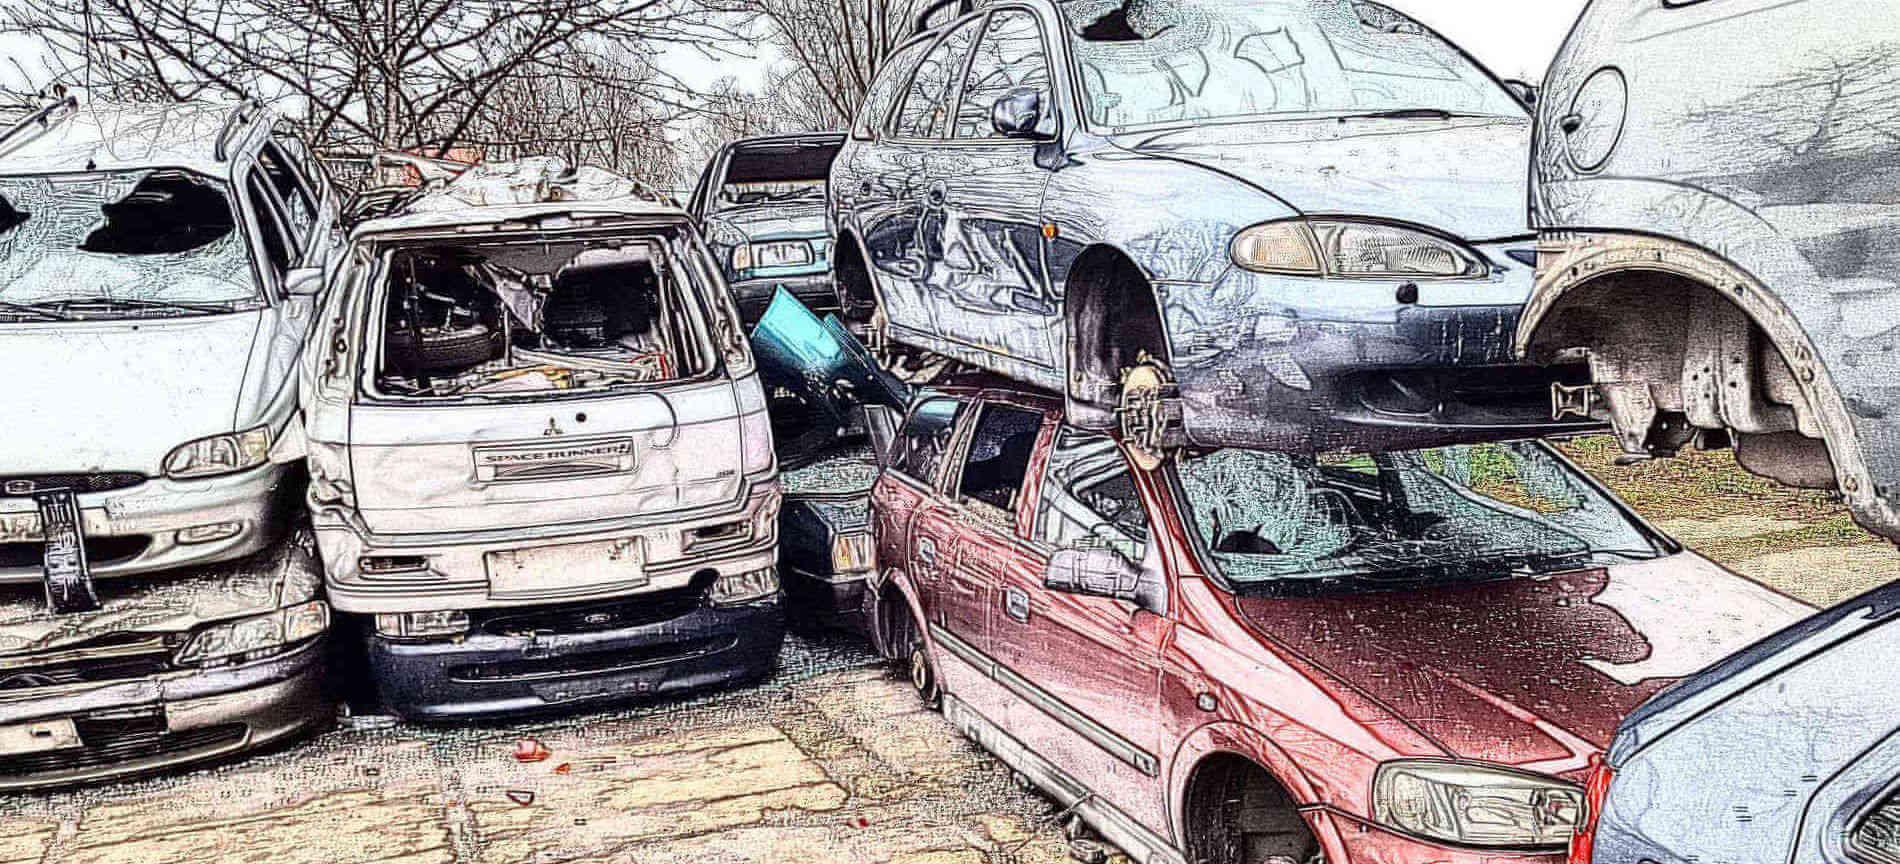 Výkup vozidel a likvidace automobilu